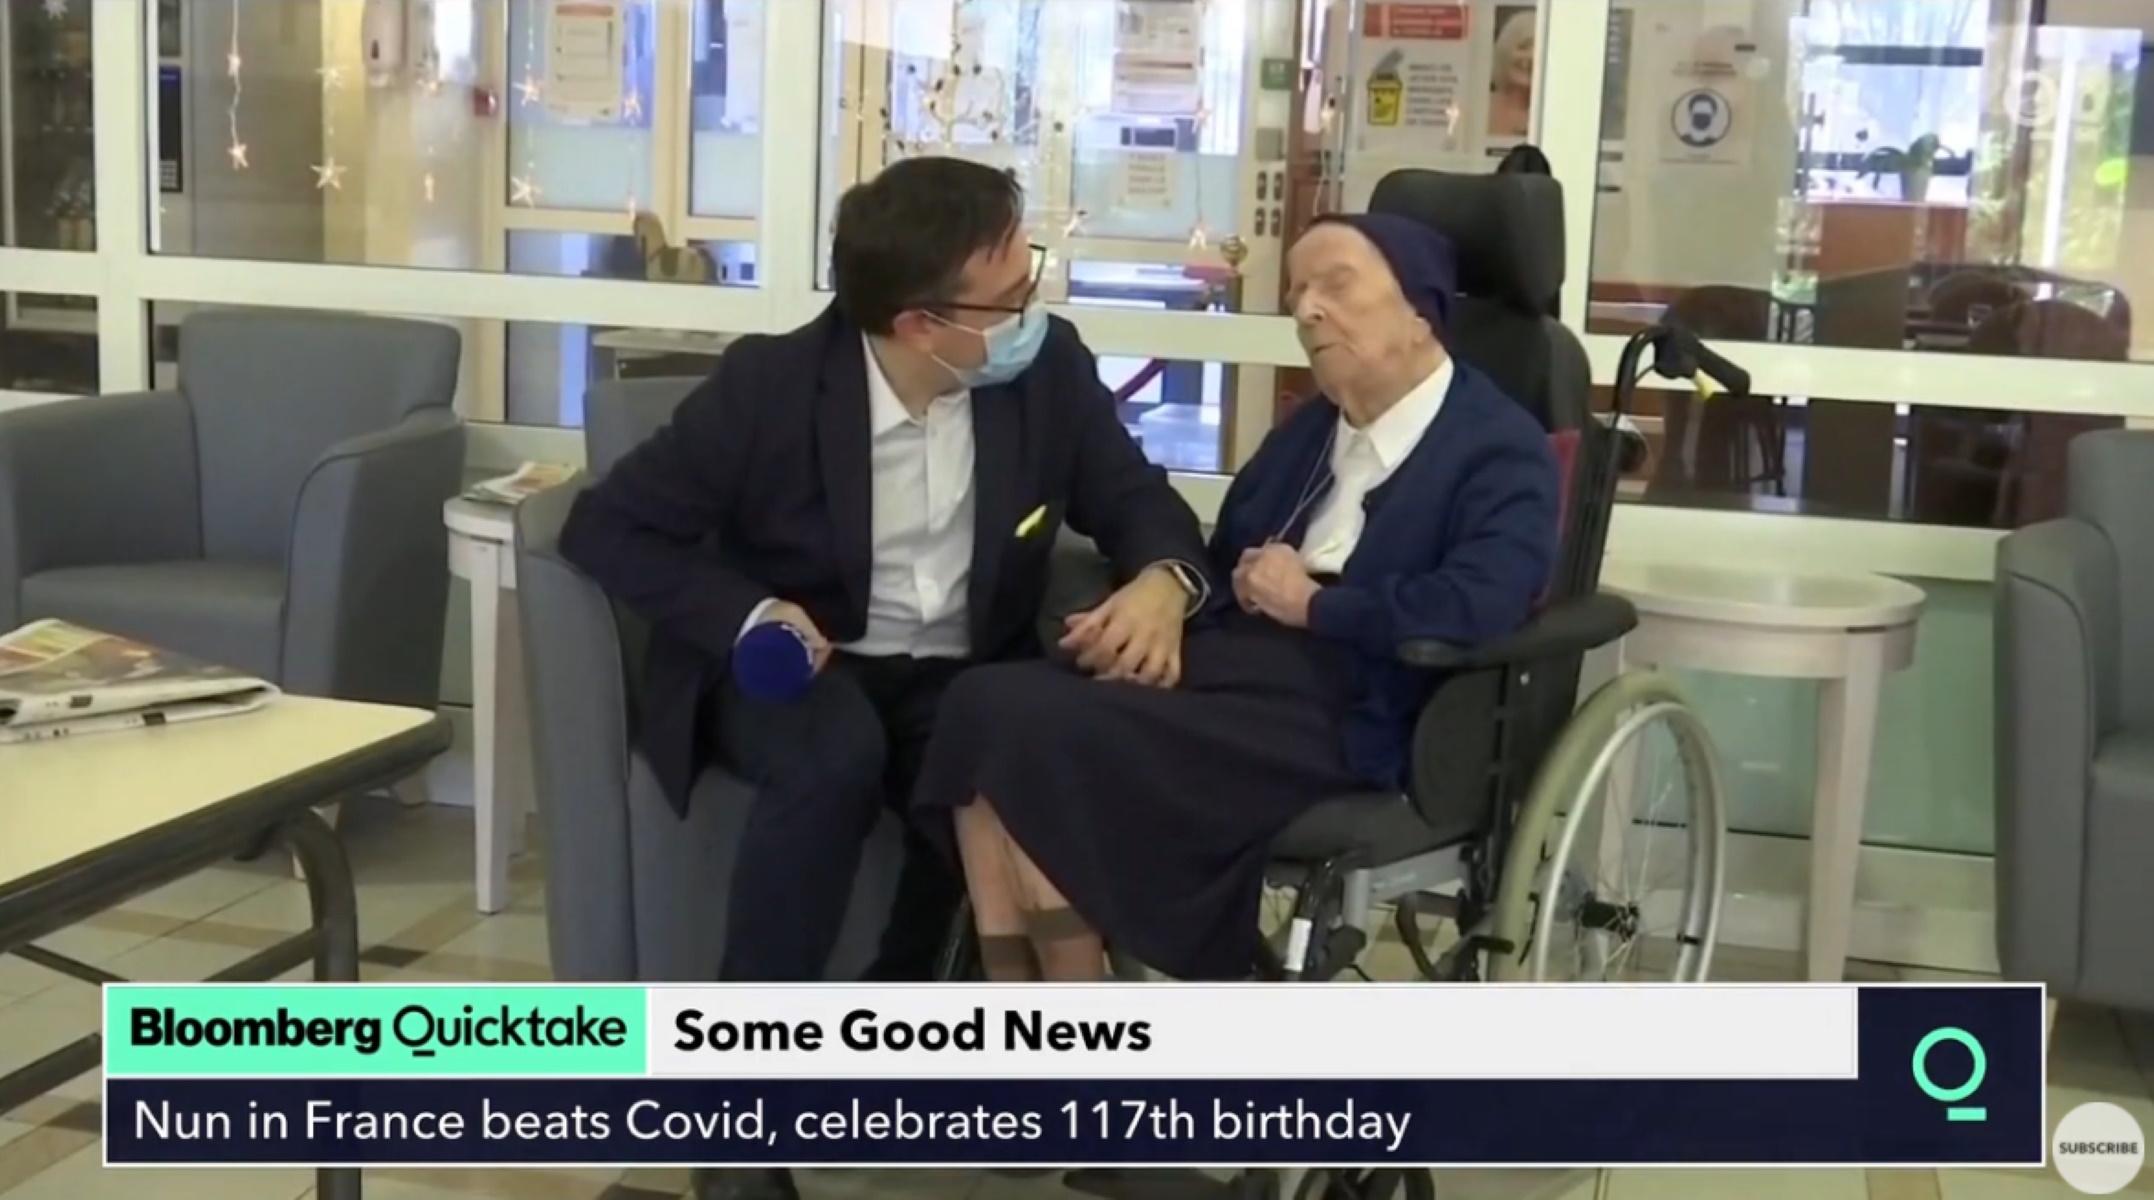 Ο γηραιότερος άνθρωπος της Ευρώπης που νίκησε τον κορονοϊό γιόρτασε τα 117α γενέθλιά της (video)